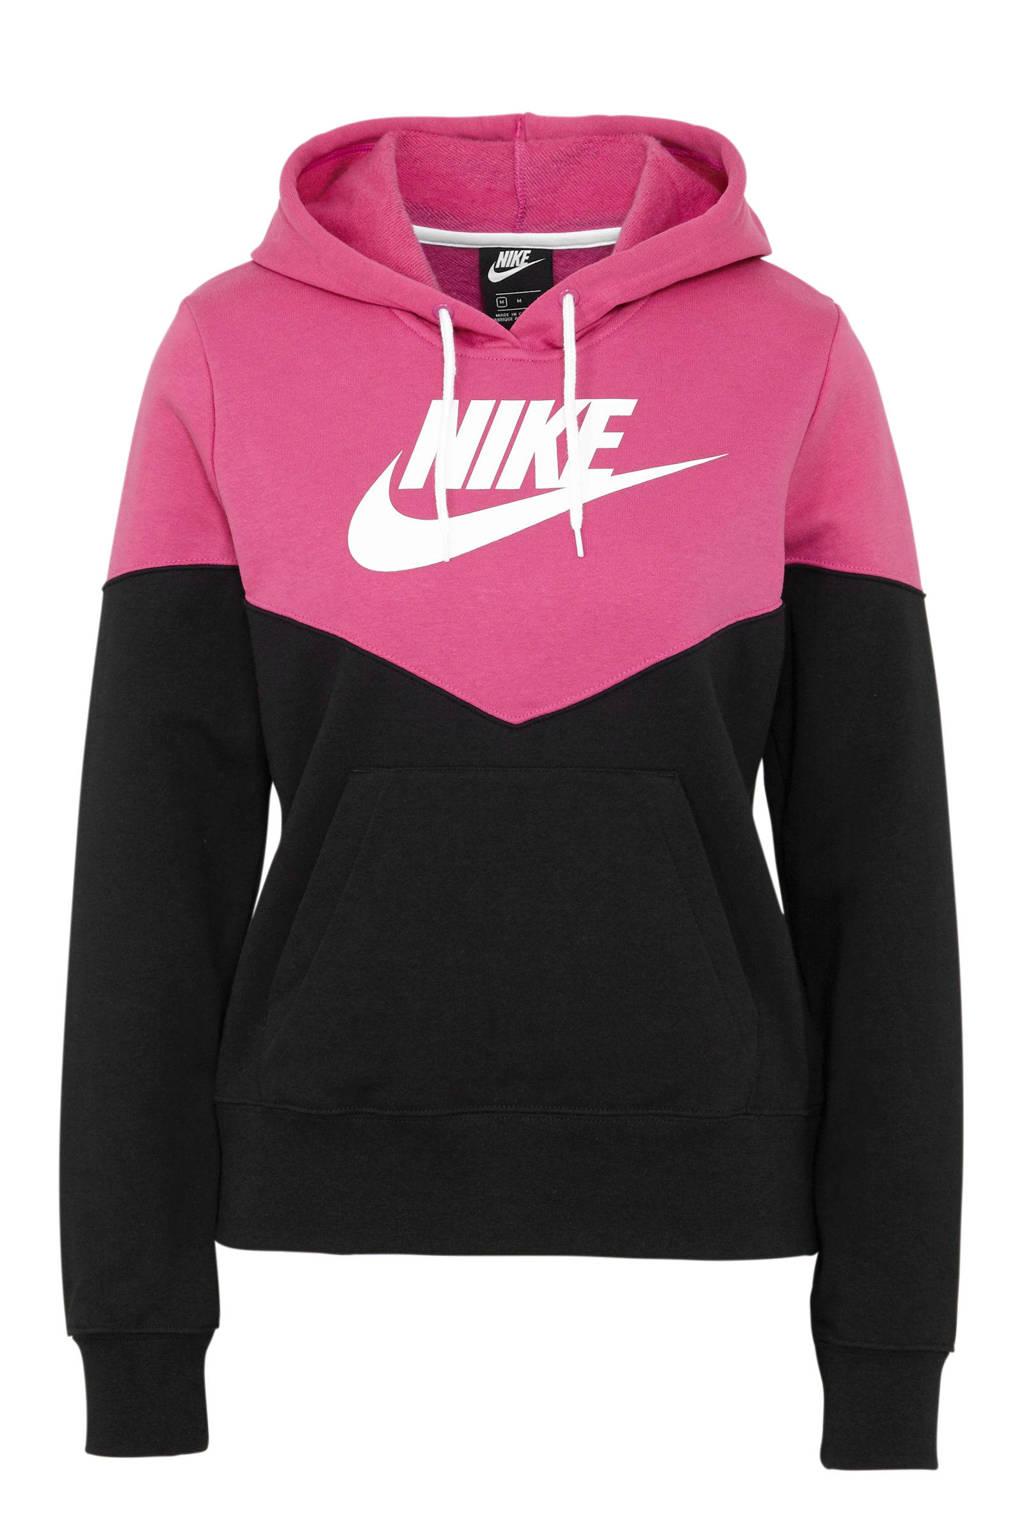 Nike hoodie zwart/fuchsia, Zwart/fuchsia